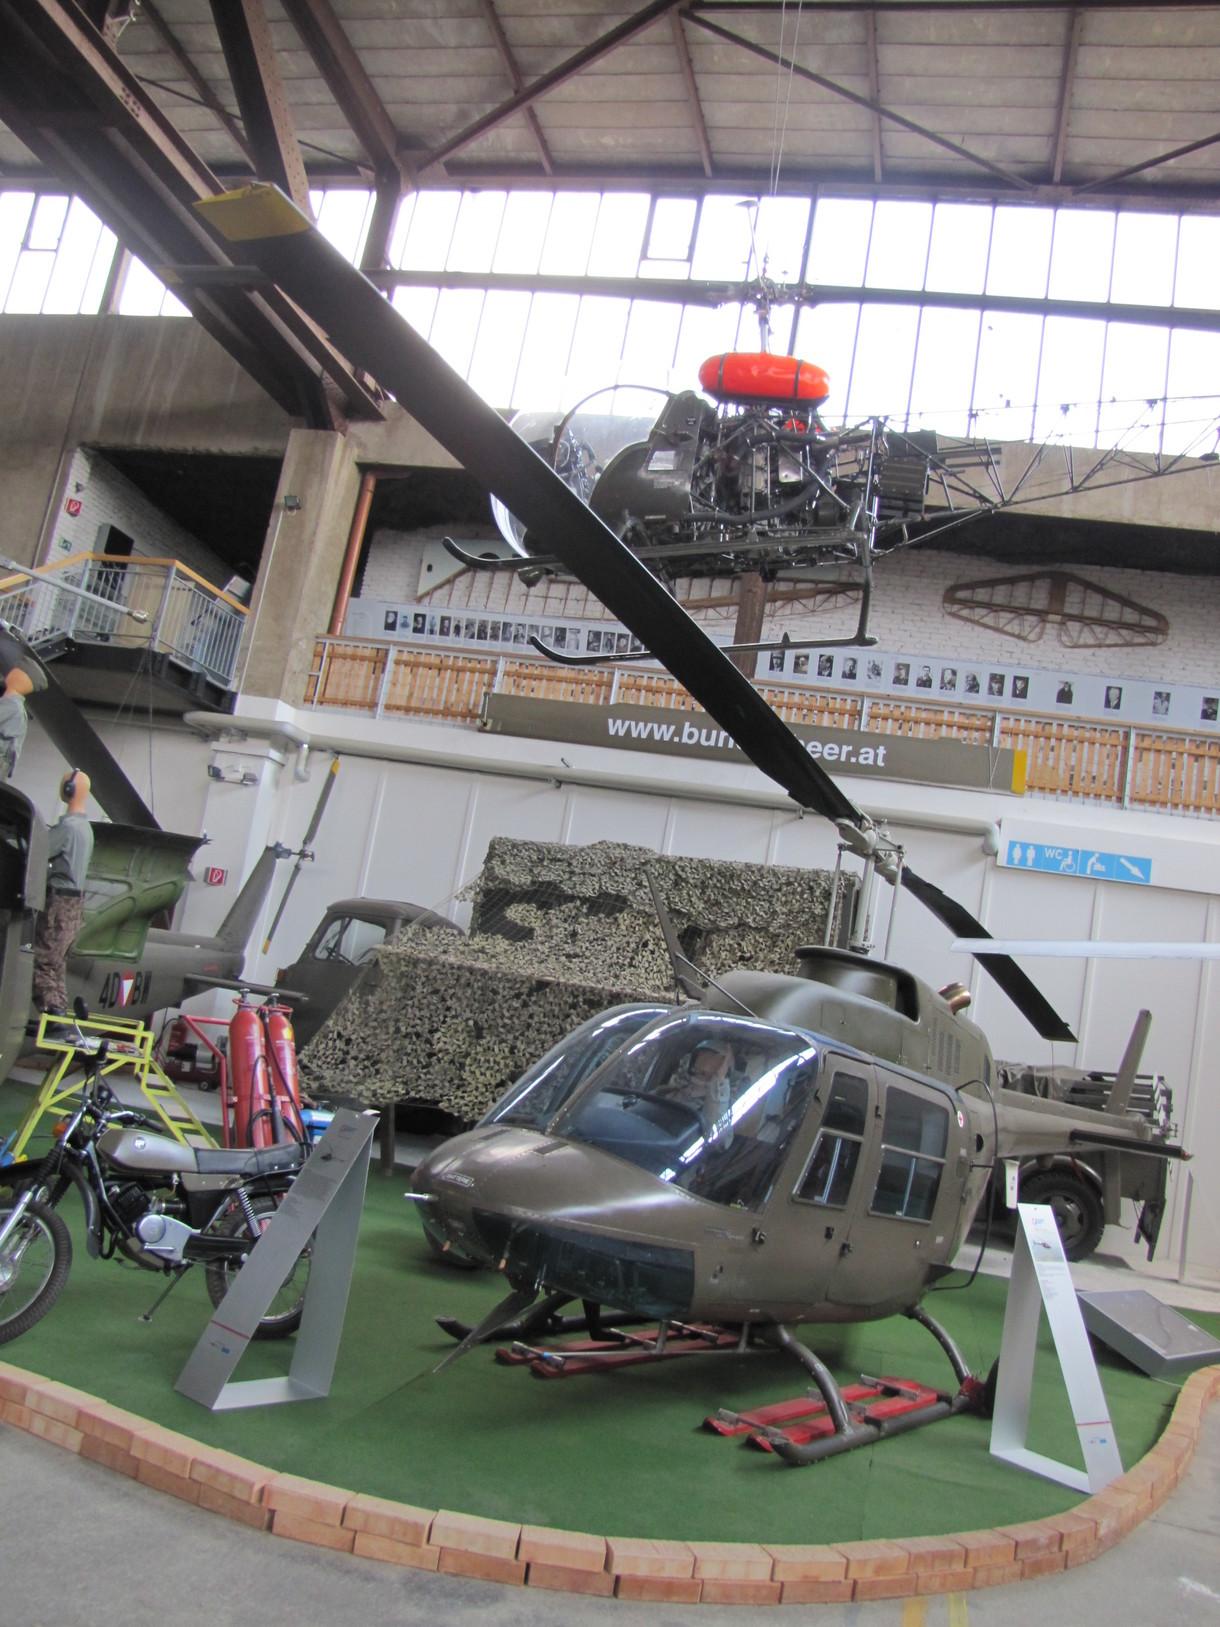 Hubschrauber am Boden auf einem Grasteppich, darüber ein weiterer Hubschrauber von der Decke hängend.